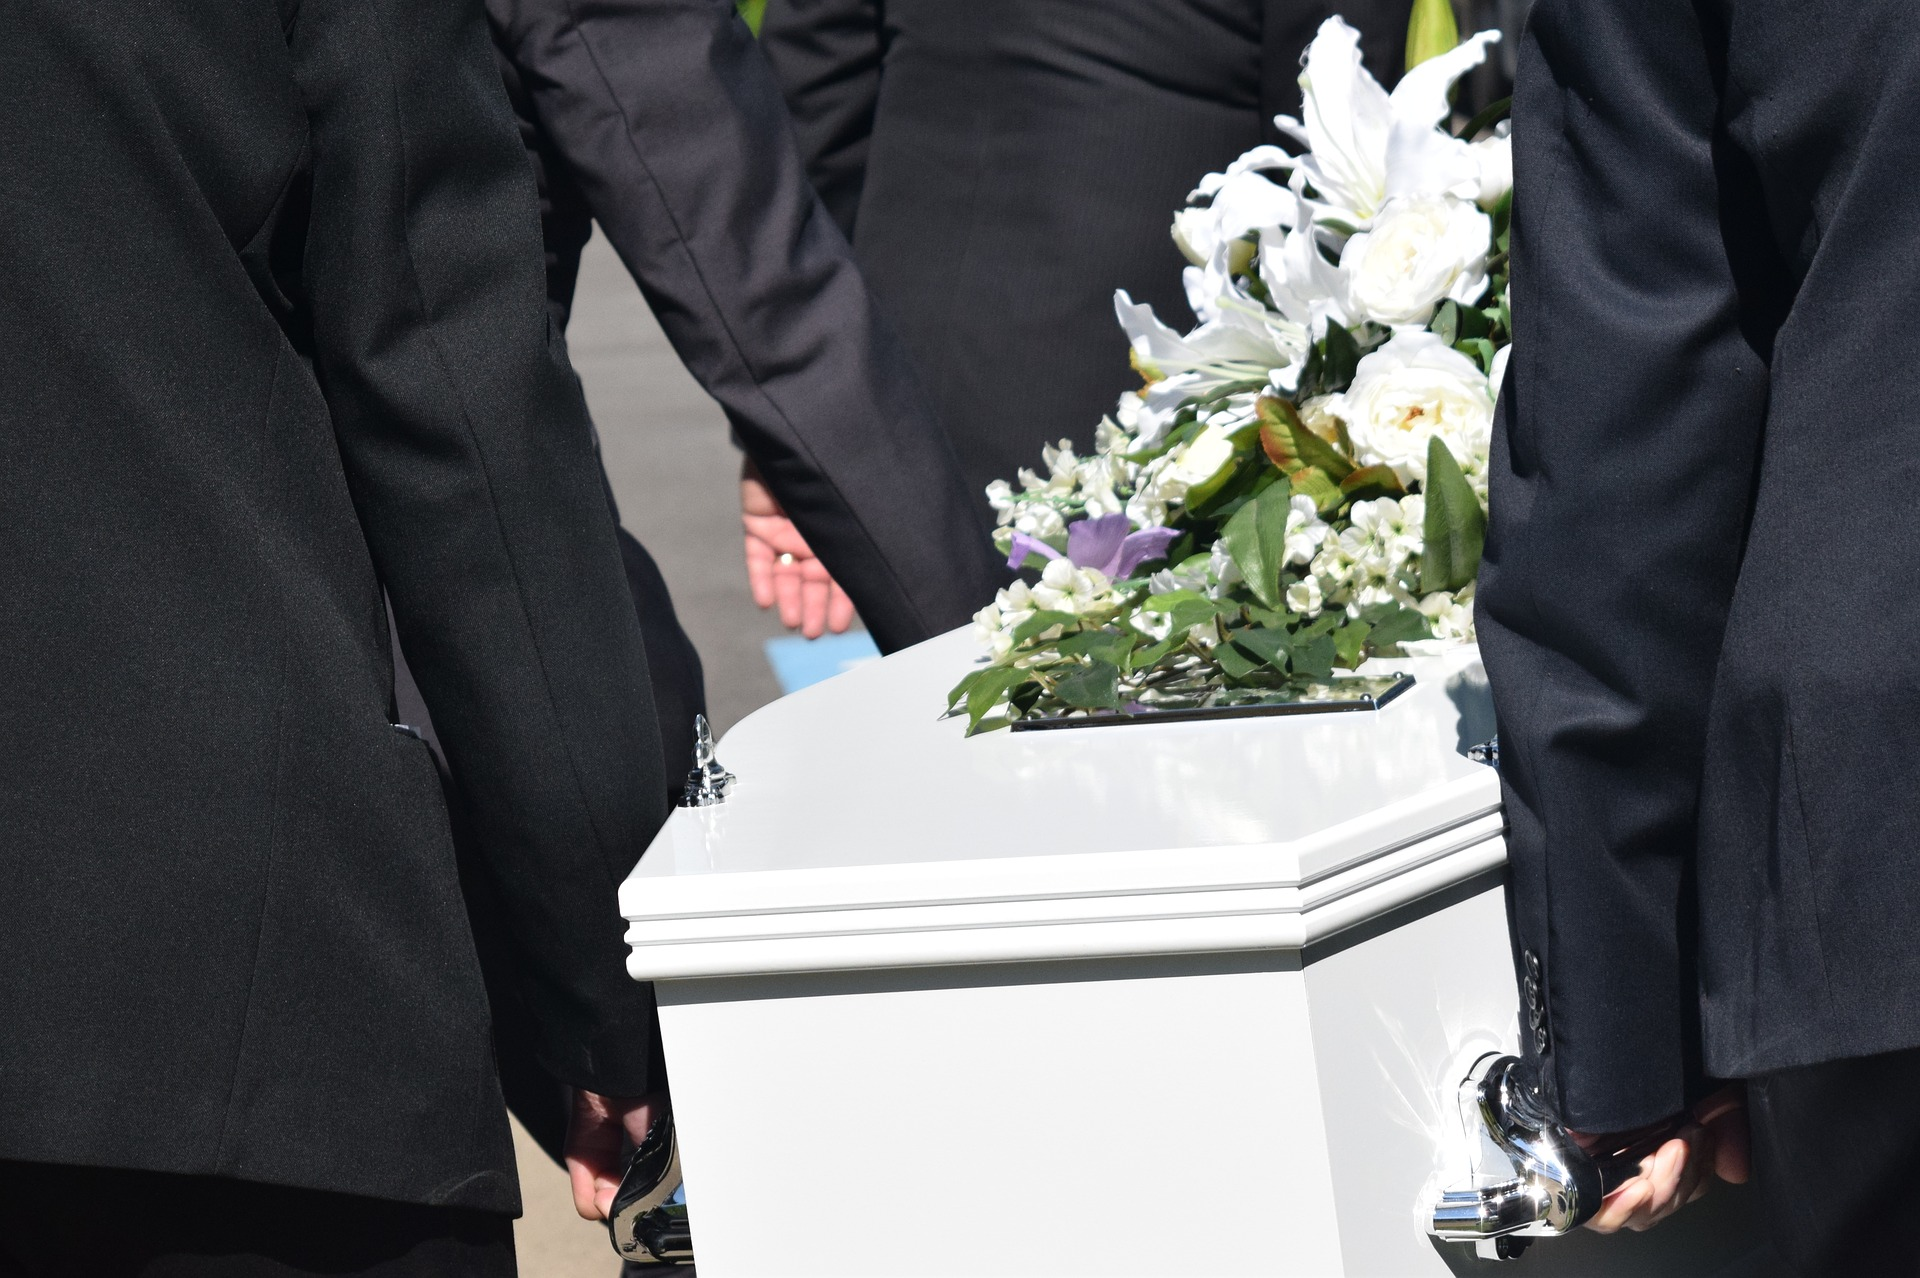 Schwelle erreicht: So viele Corona-Tote gibt es jetzt in Deutschland